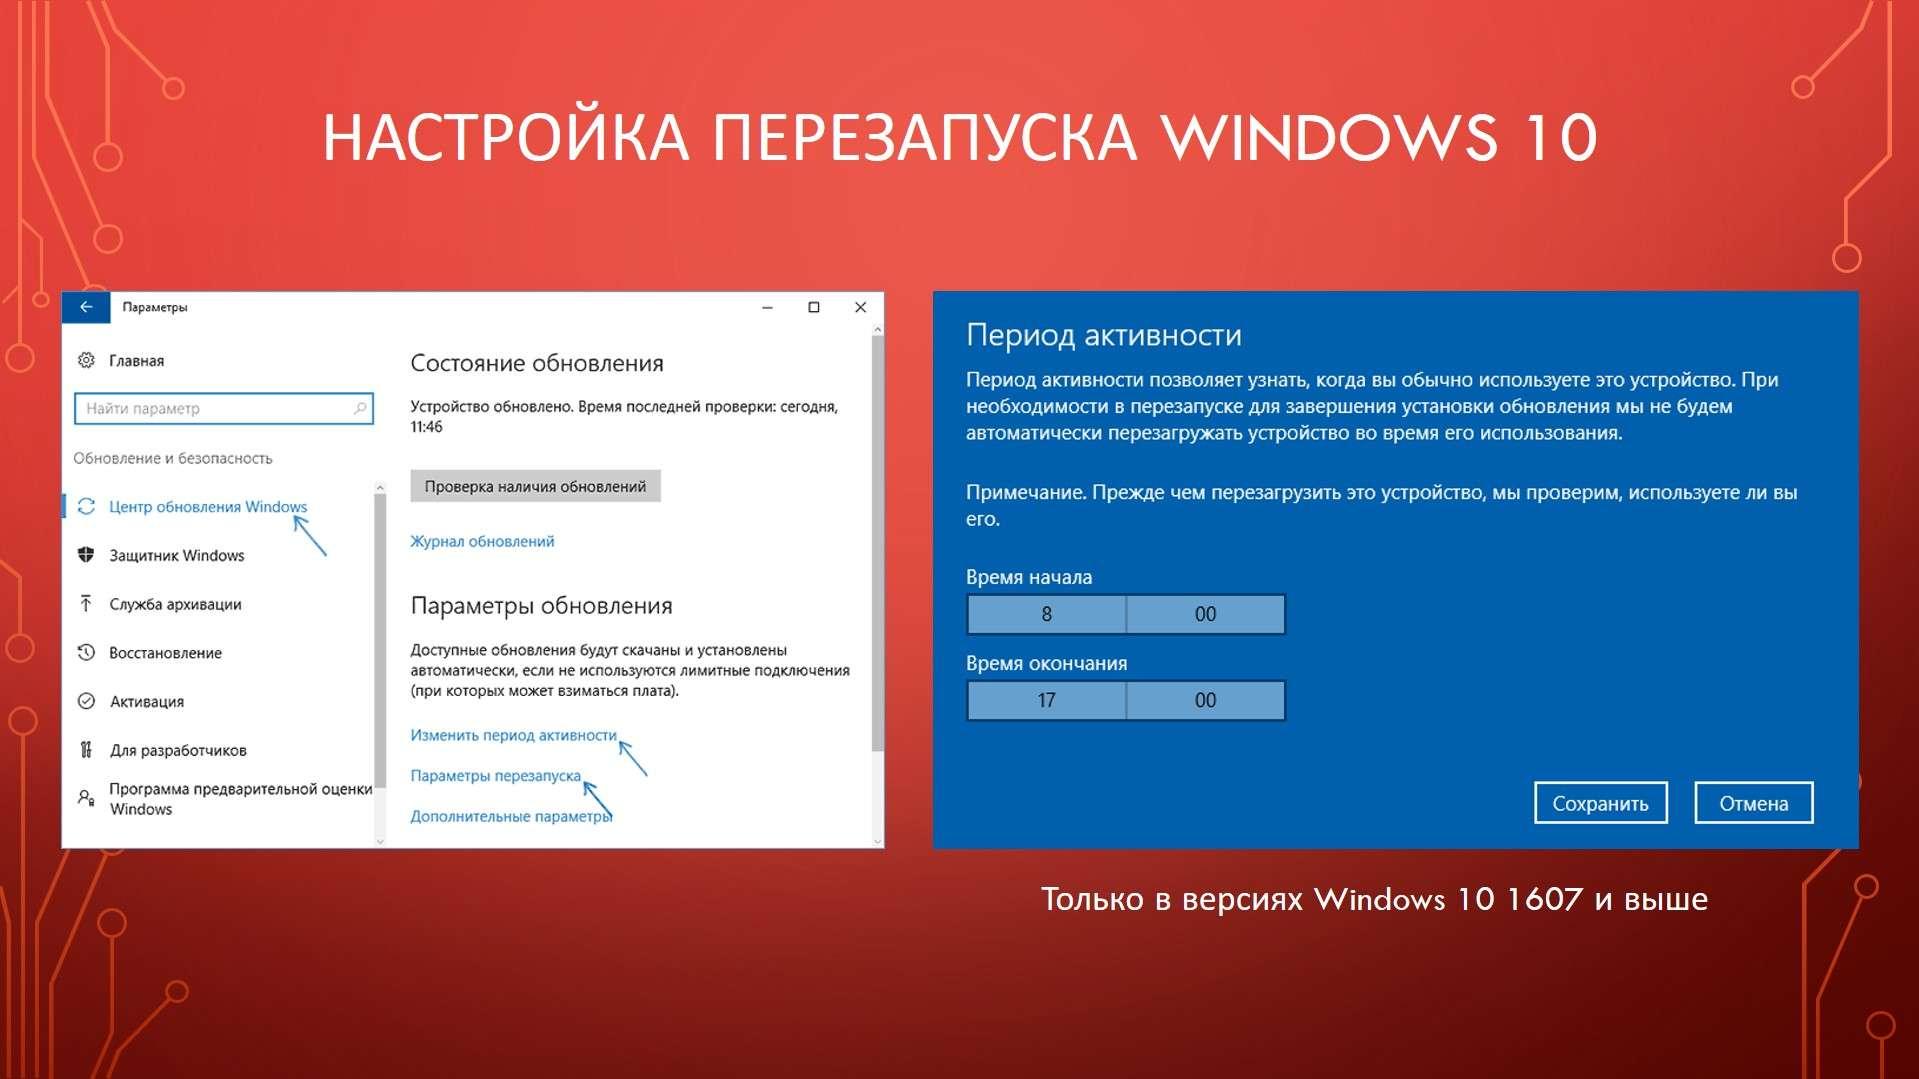 Настройка перезапуска Windows 10